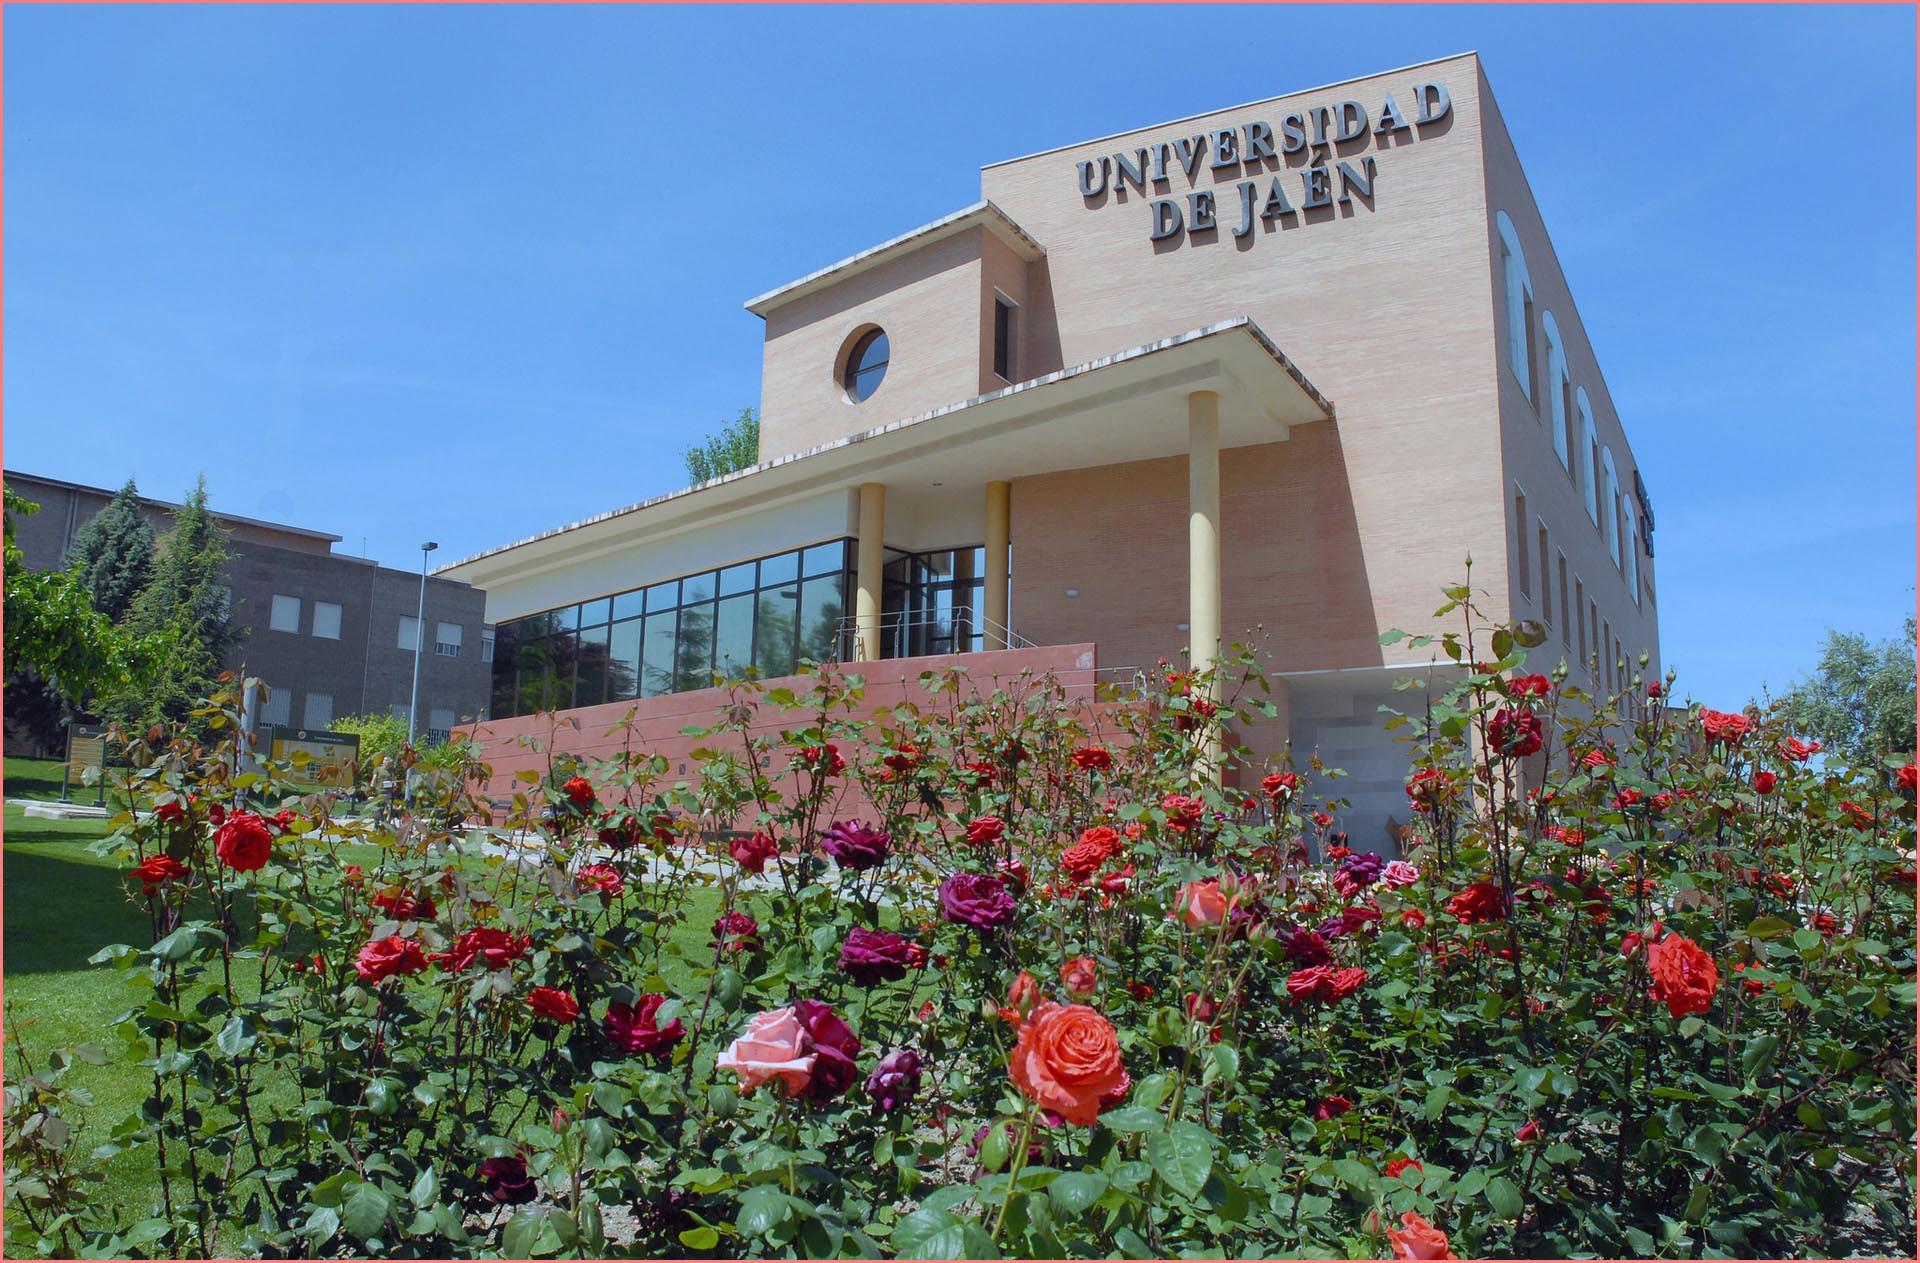 ما هي ارخص جامعة في اسبانيا؟